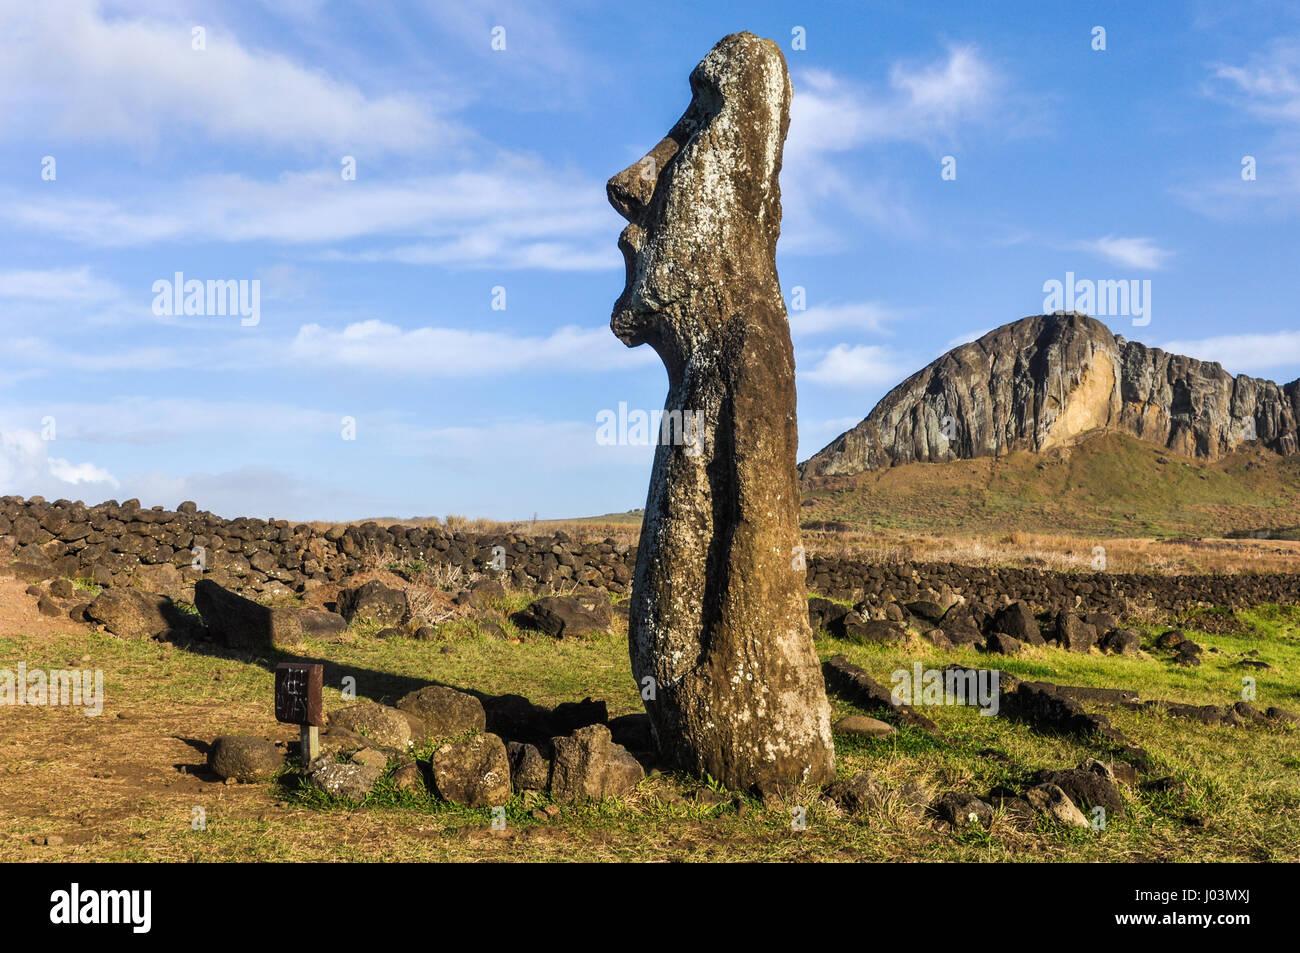 In piedi lonely moai statua vicino a Ahu Tongariki sito sulla costa dell'isola di pasqua, Cile Immagini Stock